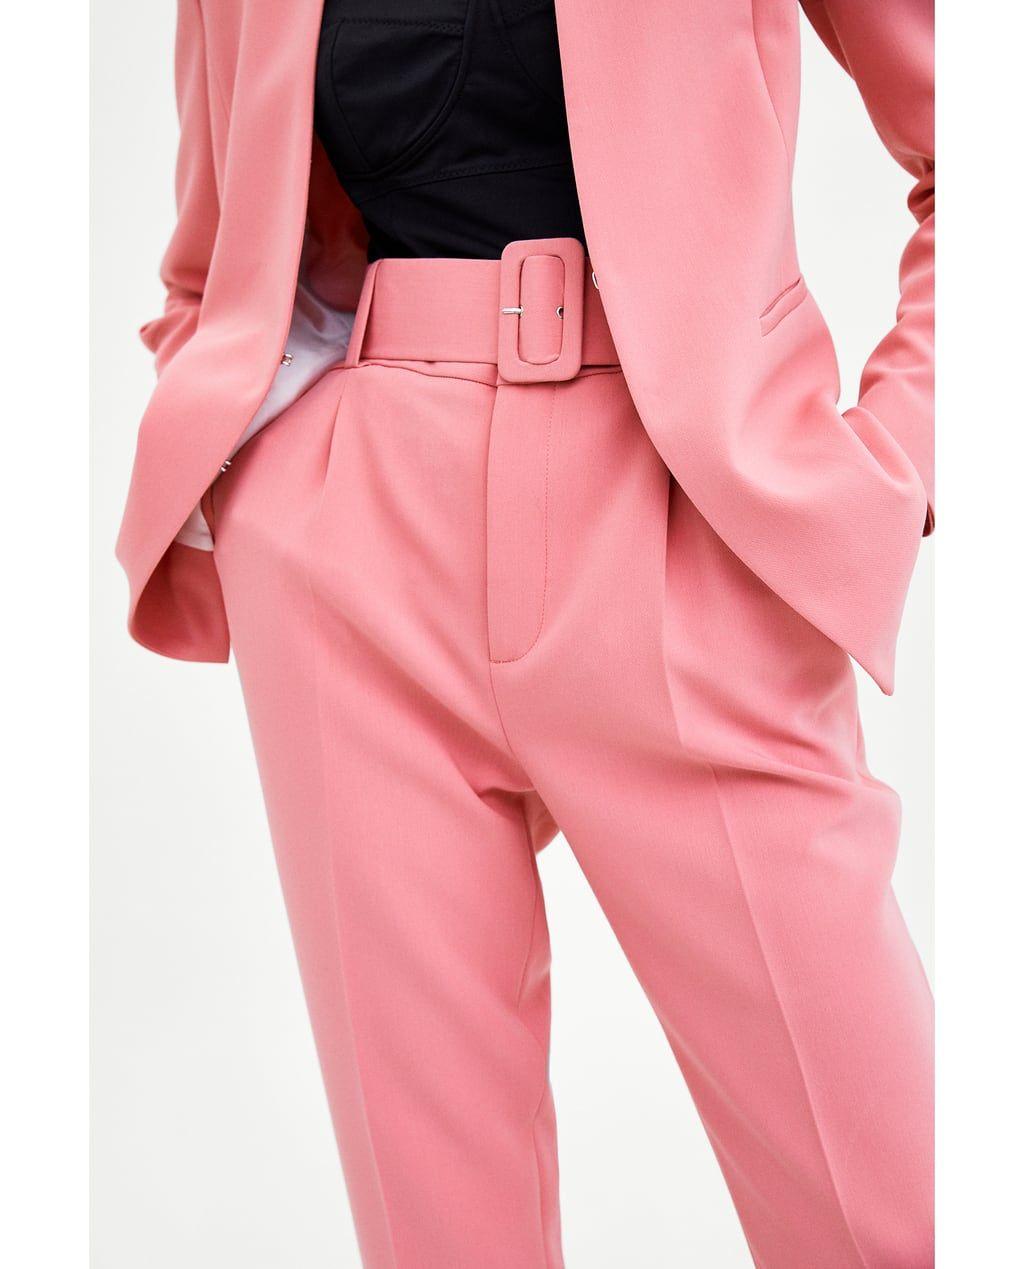 pantalones pink zara nueva coleccion